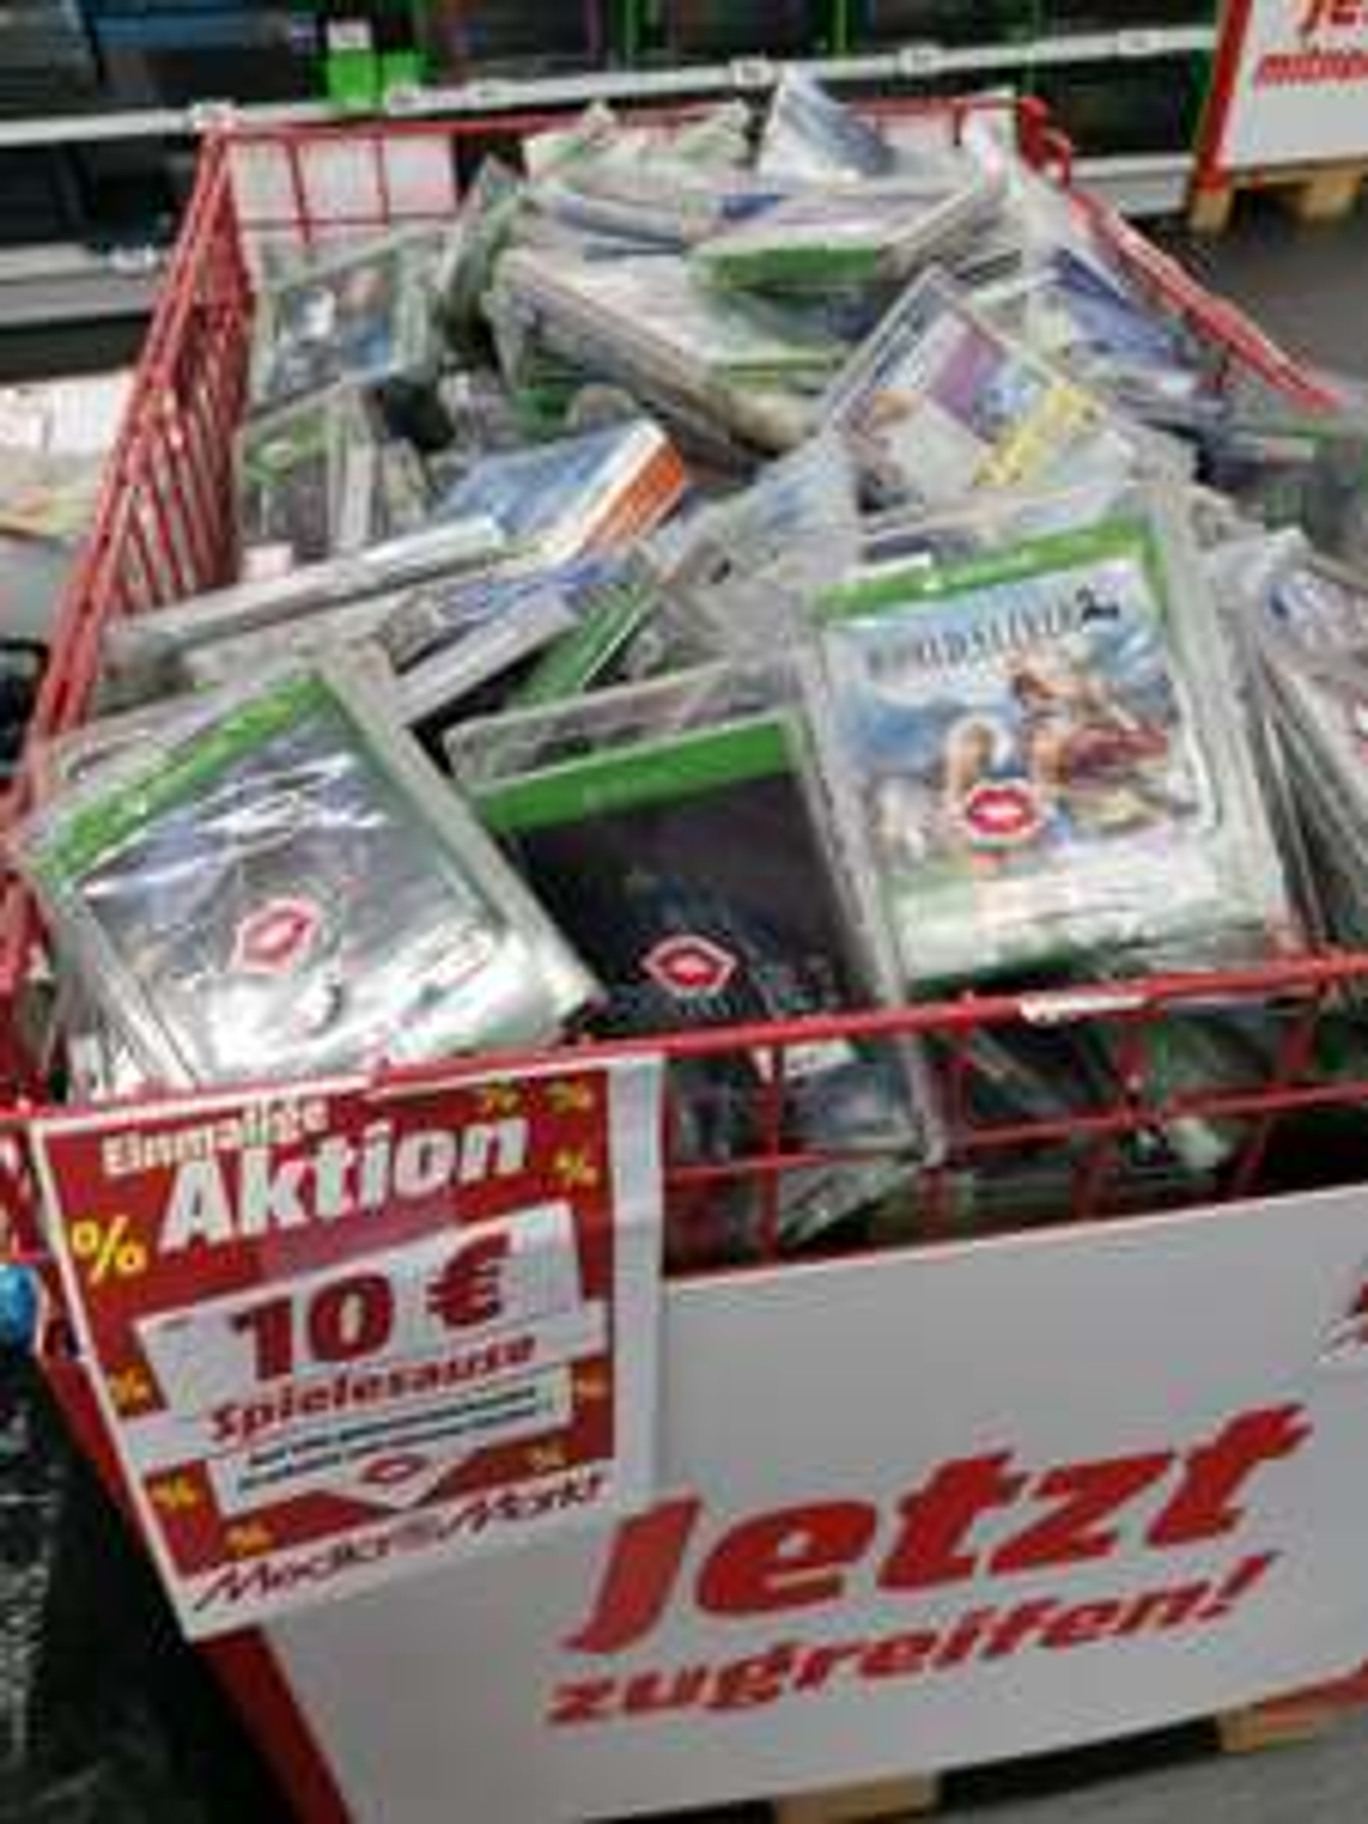 LOKAL Media Markt Karlsruhe Bulach - diverse Ps4, Xbox One und Switch Spiele für 10€